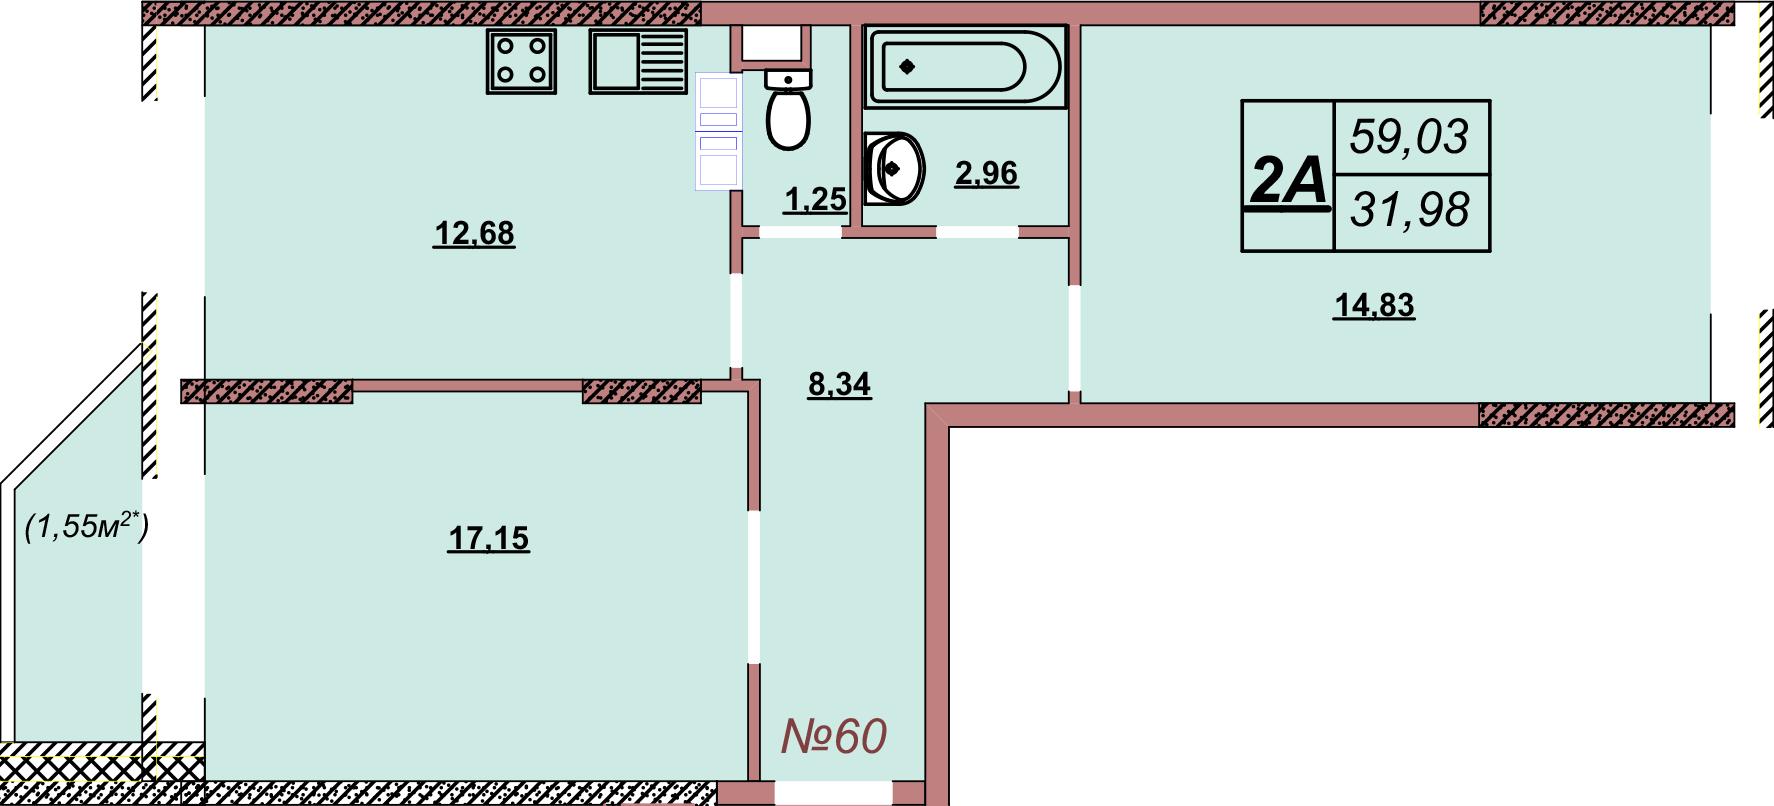 Квартира 60